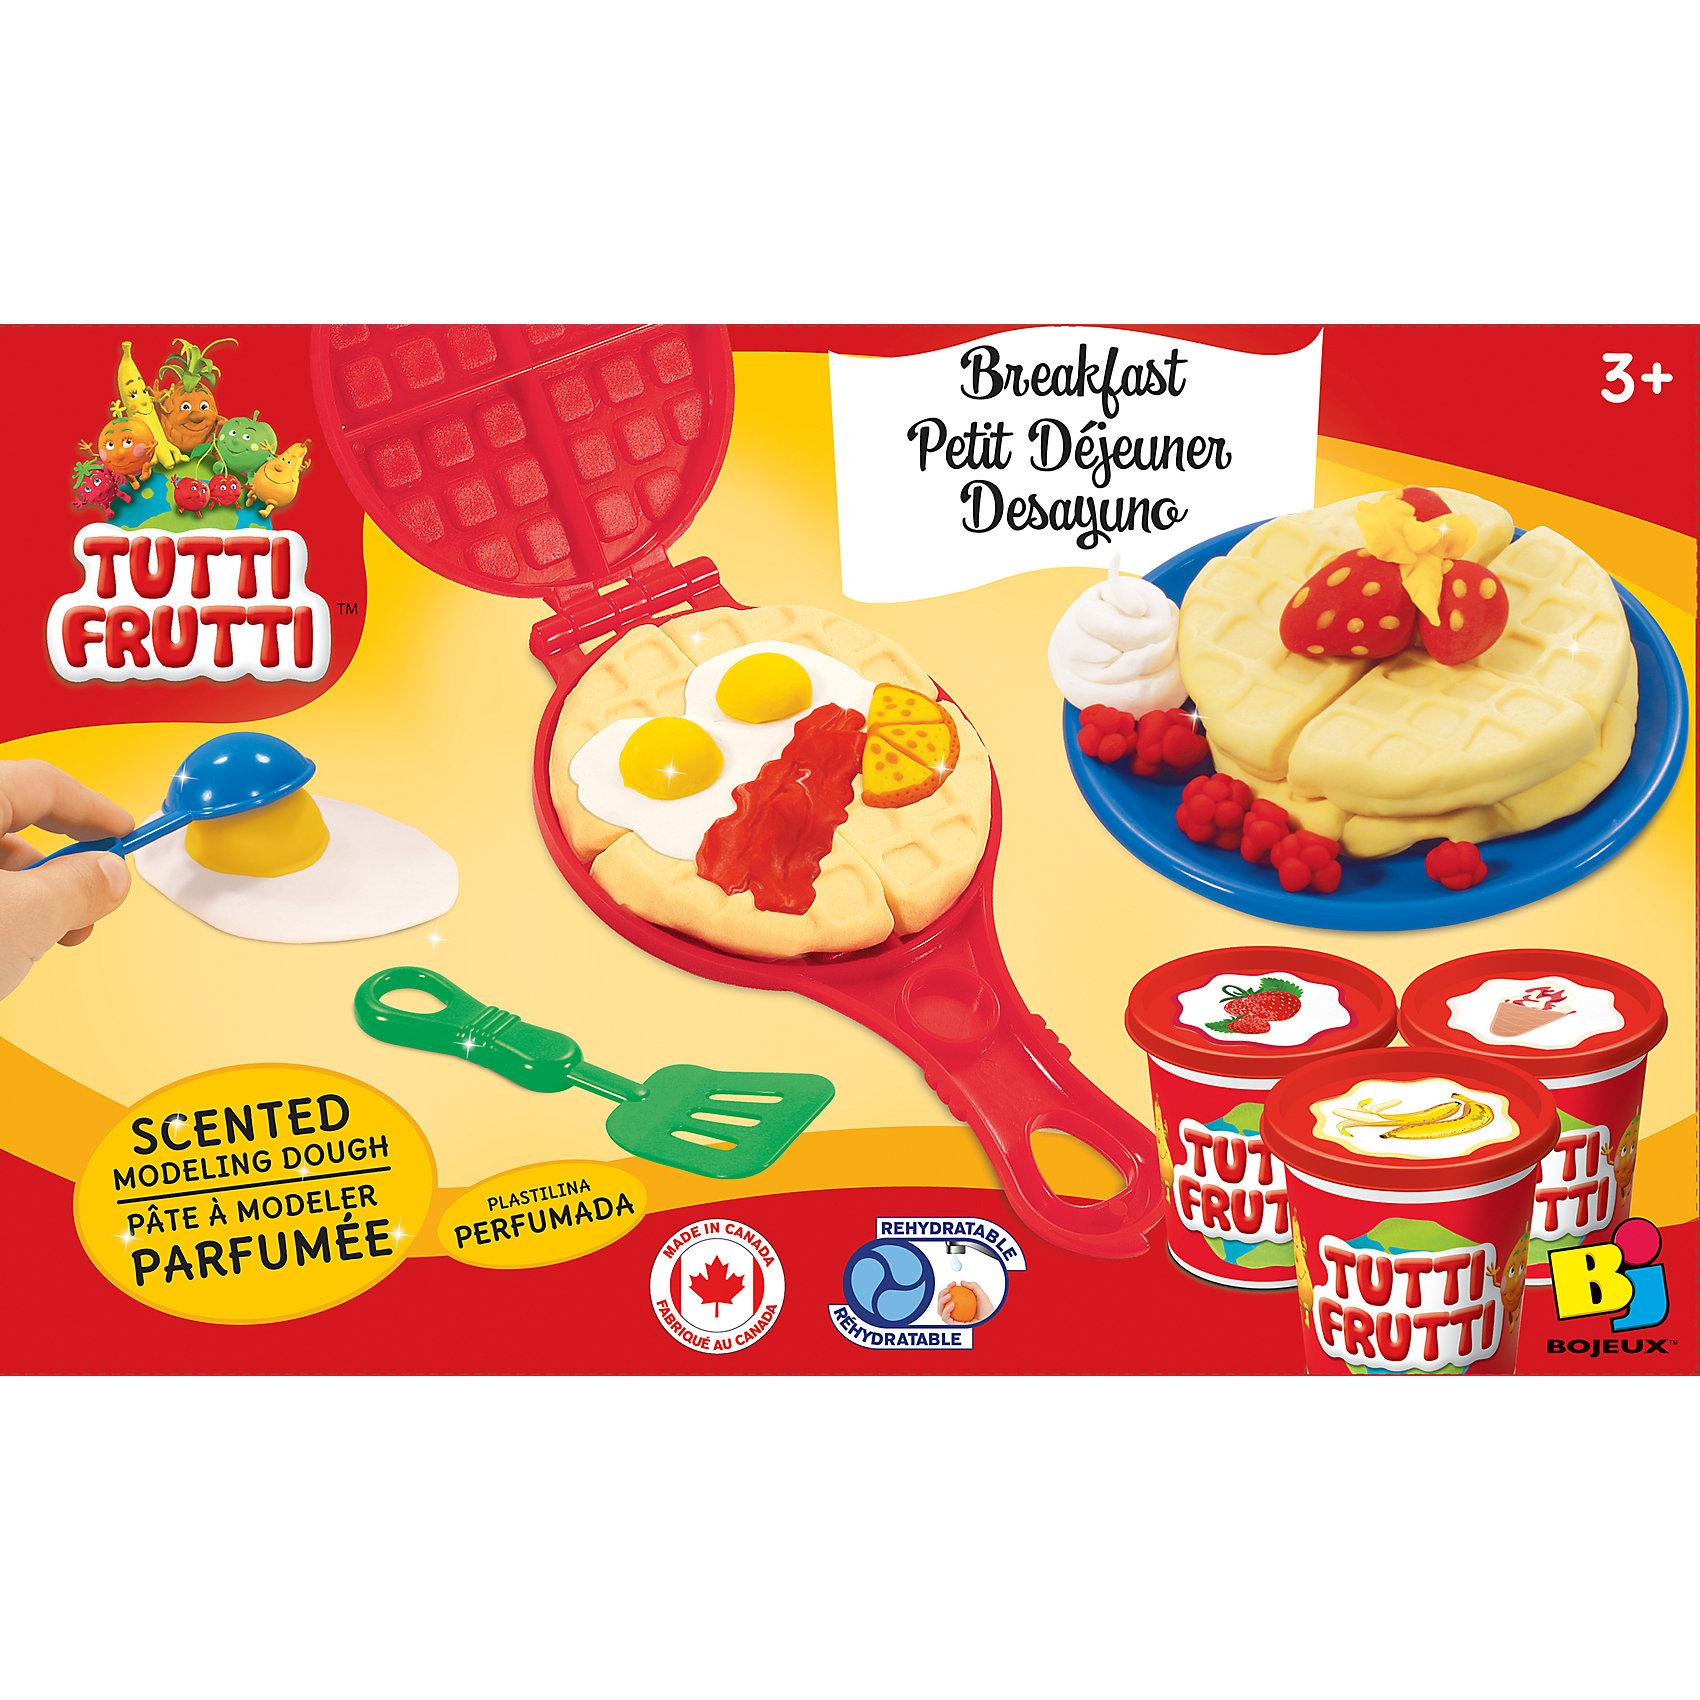 Набор массы для лепки ЗавтракЛепка<br>Характеристики товара:<br><br>• упаковка: коробка<br>• комплектация: масса для лепки, вафельница, лопатка и красочная инструкция<br>• масса приятно пахнет<br>• цветов: 3<br>• размер упаковки: 24х20 см<br>• возраст: от трех лет<br>• развивающая<br>• страна бренда: Канада<br>• страна производства: Канада<br><br>Лепка - отличный способ занять ребенка. Это не только занимательно, но и очень полезно! С помощью такого набора для творчества ребенок сможет сам сделать еду с помощью инструментов, а дальше - делать более сложные предметы. Эта масса для лепки - безопасный материал, который приятно пахнет. В комплекте - масса для лепки, скалка, специальный пресс, лопатка, ножички и две тарелочки.<br>Такое занятие помогает детям развивать многие важные навыки и способности: они тренируют внимание, память, логику, мышление, мелкую моторику, а также усидчивость и аккуратность. Изделие производится из качественных сертифицированных материалов, безопасных даже для самых маленьких.<br><br>Набор массы для лепки Завтрак можно купить в нашем интернет-магазине.<br><br>Ширина мм: 185<br>Глубина мм: 53<br>Высота мм: 245<br>Вес г: 430<br>Возраст от месяцев: 36<br>Возраст до месяцев: 108<br>Пол: Унисекс<br>Возраст: Детский<br>SKU: 5075315